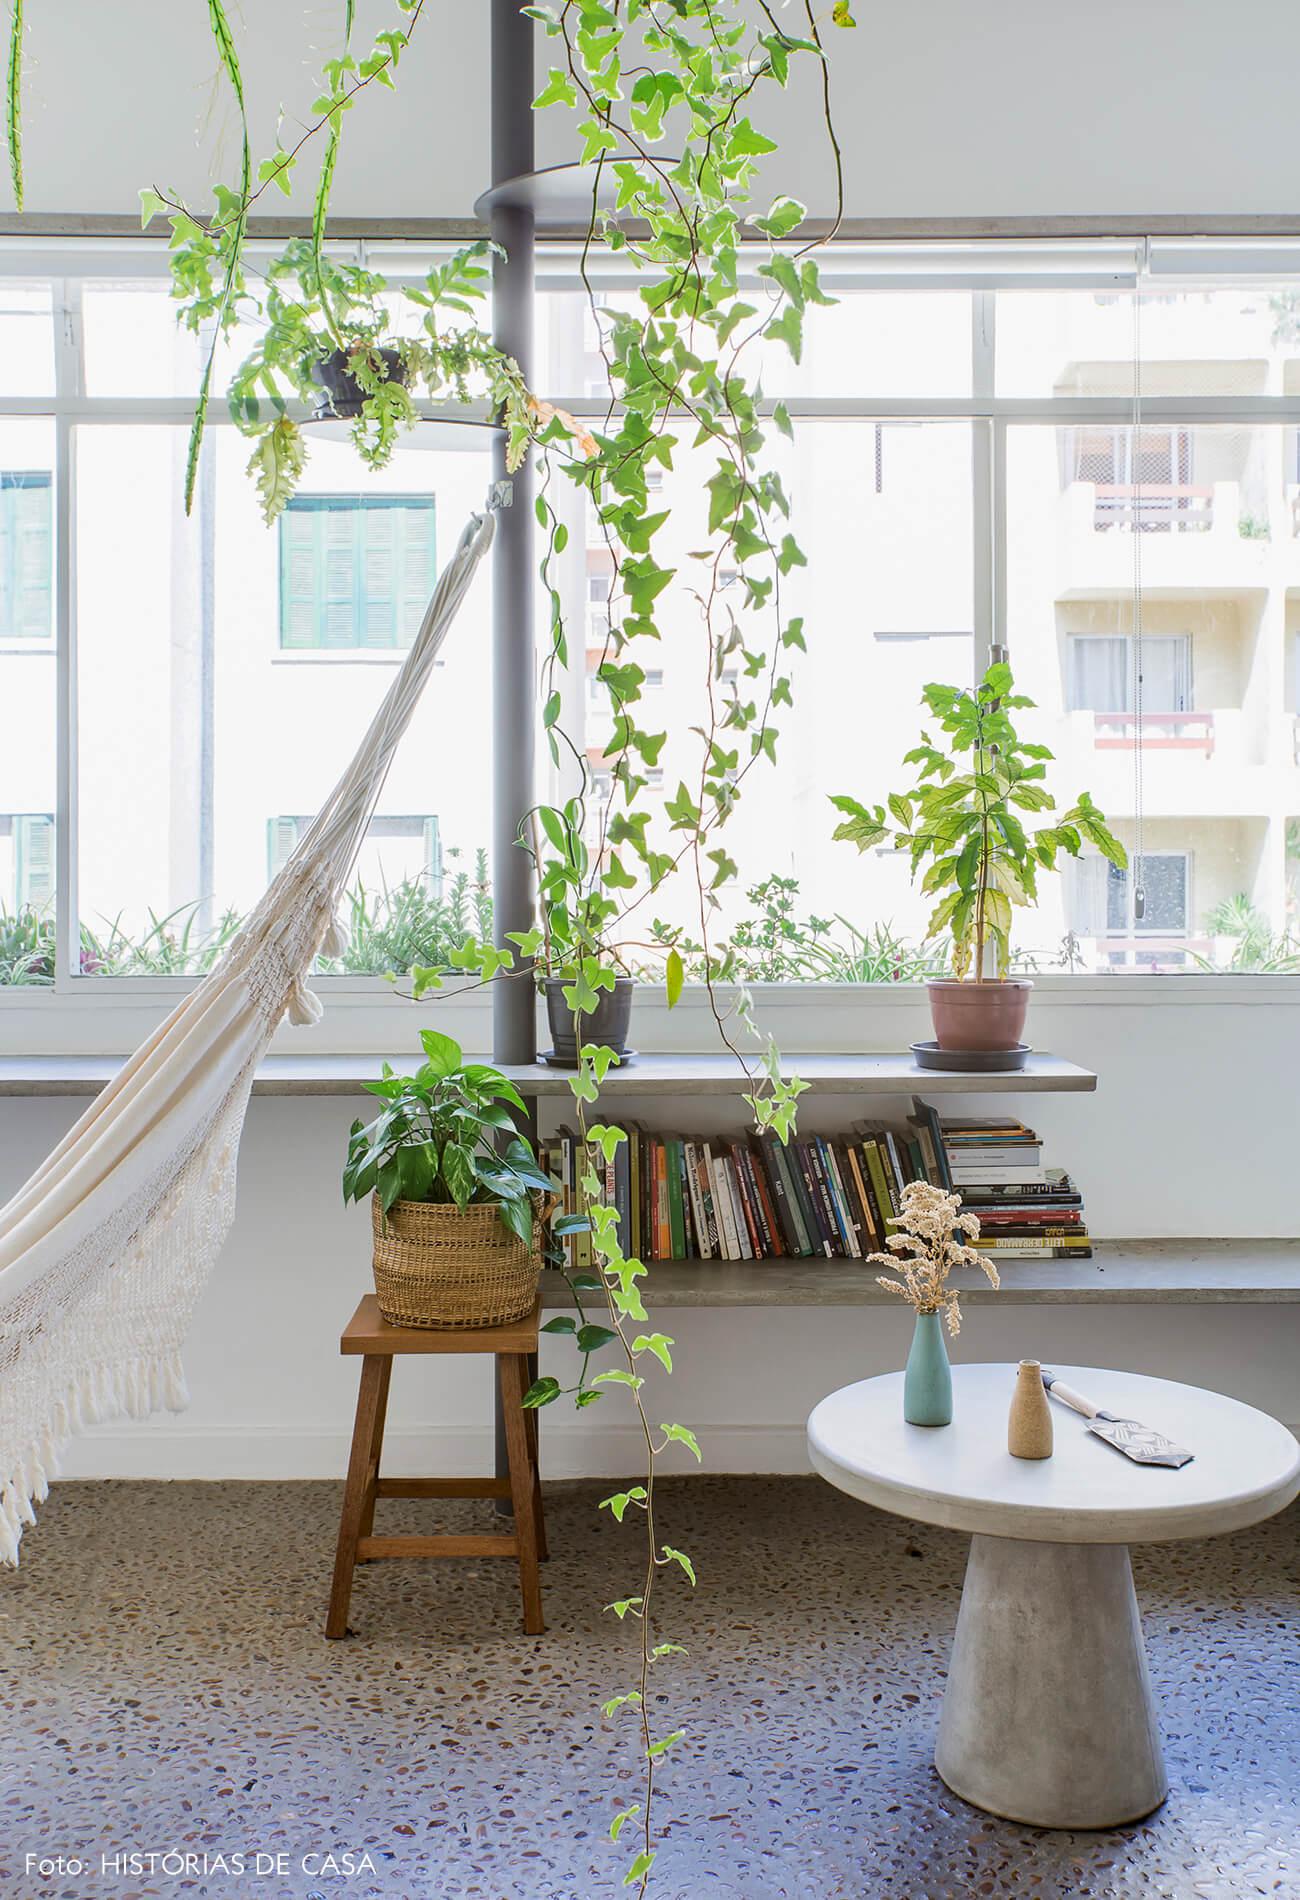 Sala com varanda integrada, prateleiras de concreto com plantas e rede de balanço